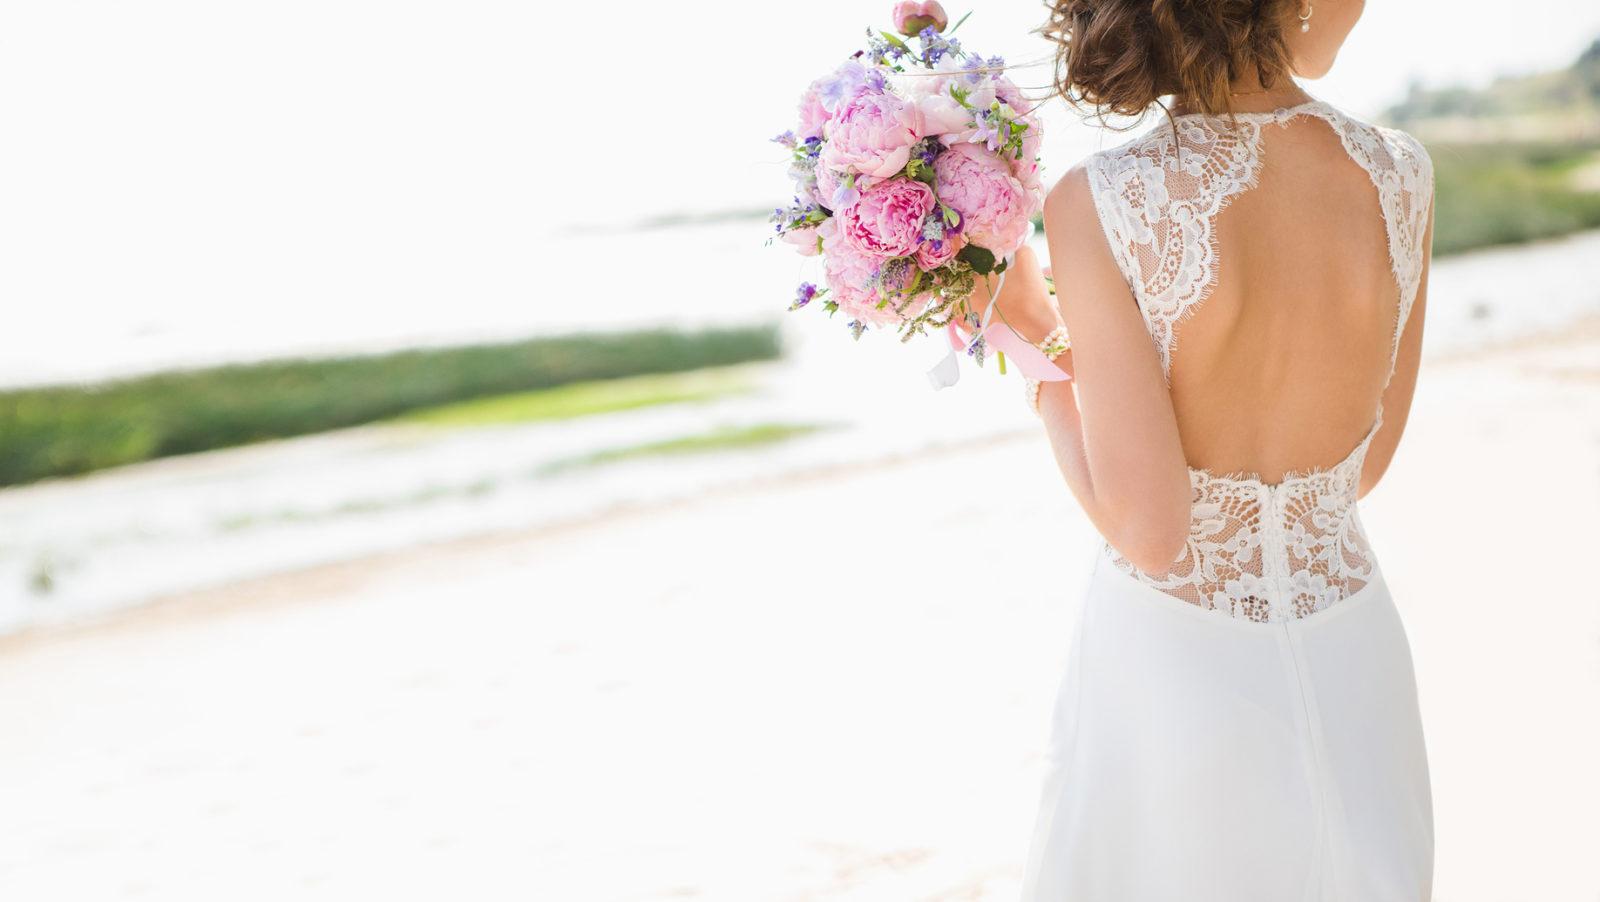 Efektowne plecy w sukni ślubnej